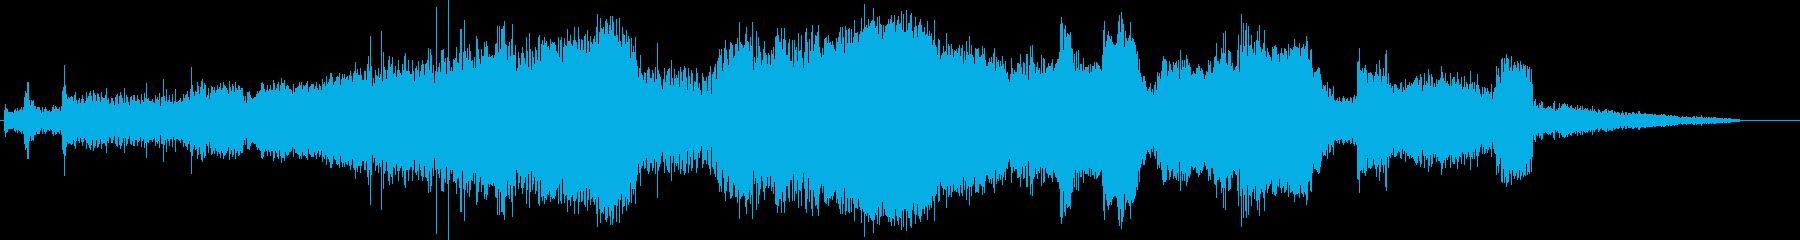 トラック;スタート/アウェイ;プジ...の再生済みの波形